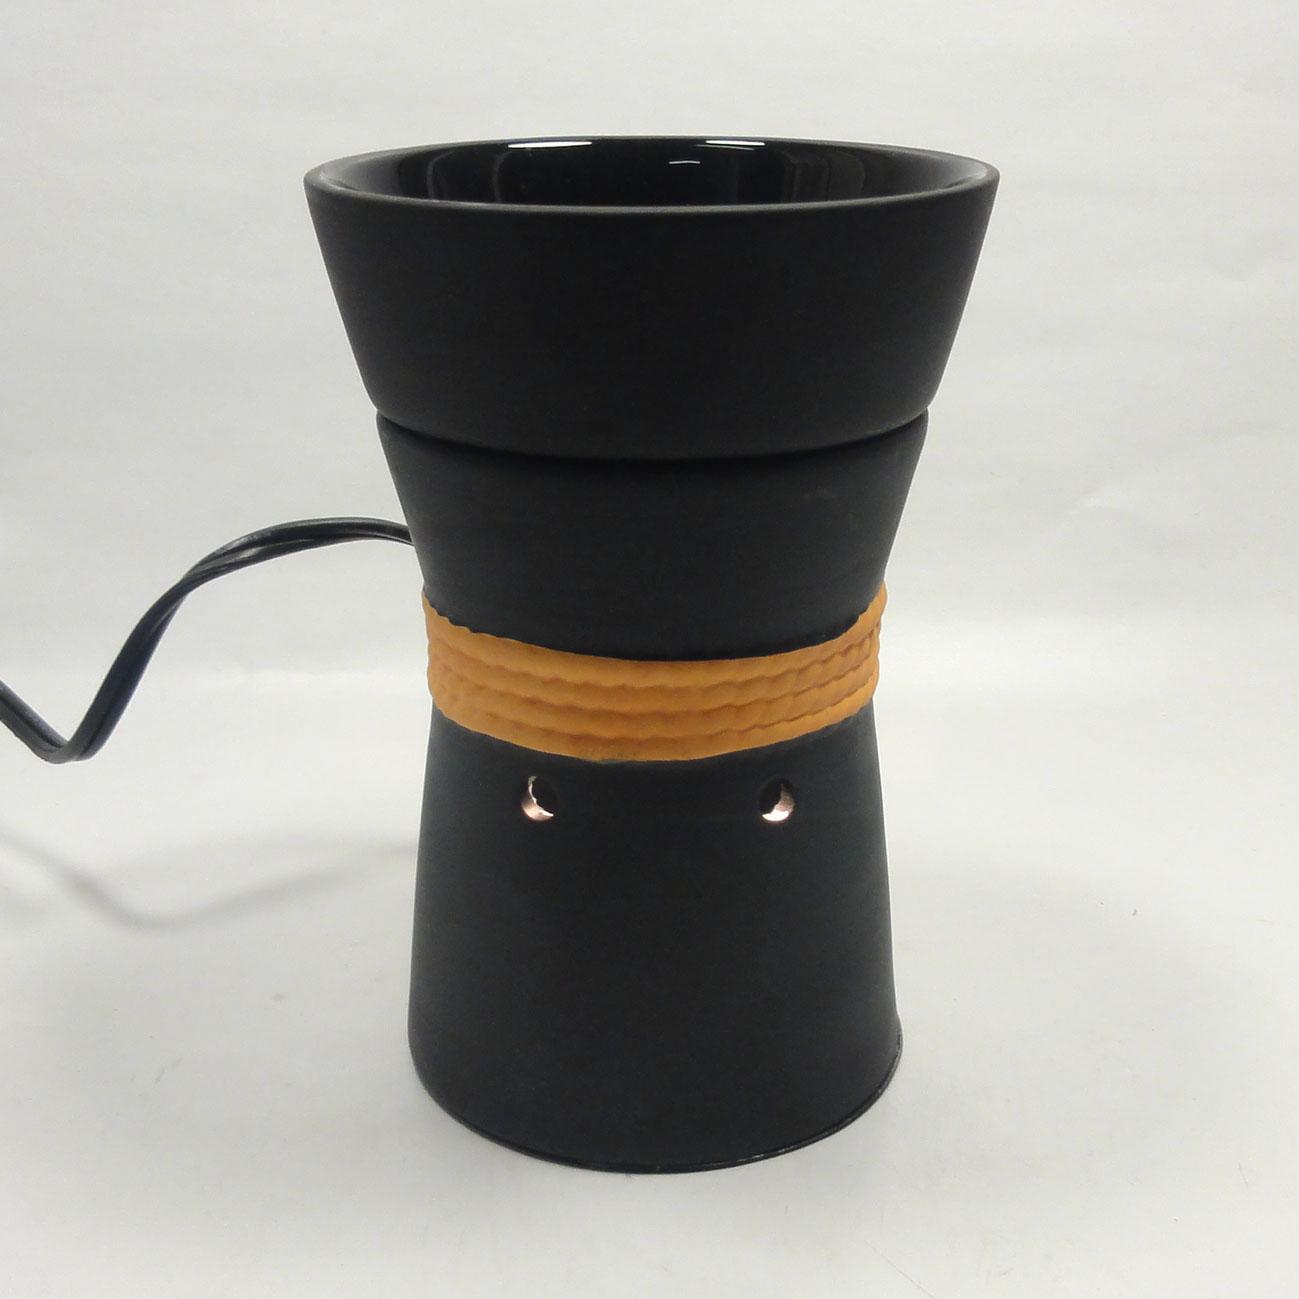 electric scent oil tart warmer burner diffuser fragrance lamp ebay. Black Bedroom Furniture Sets. Home Design Ideas